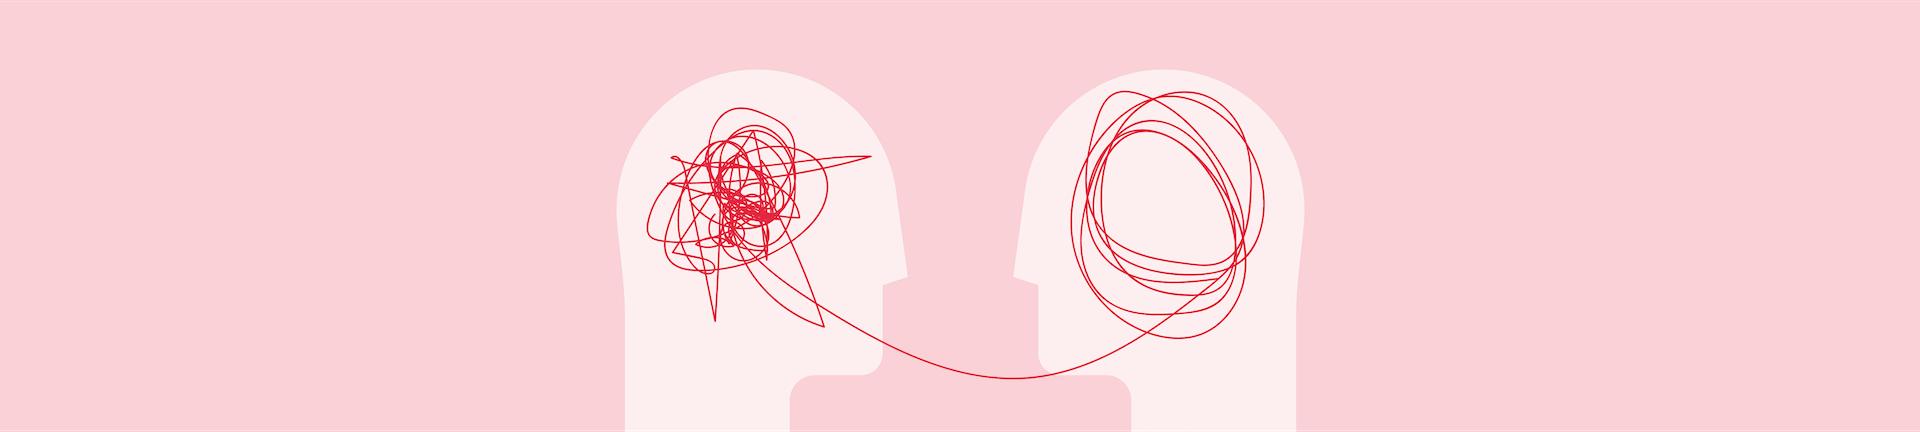 Neue Webseite für die Psychologin Mag. Karin Heger 5